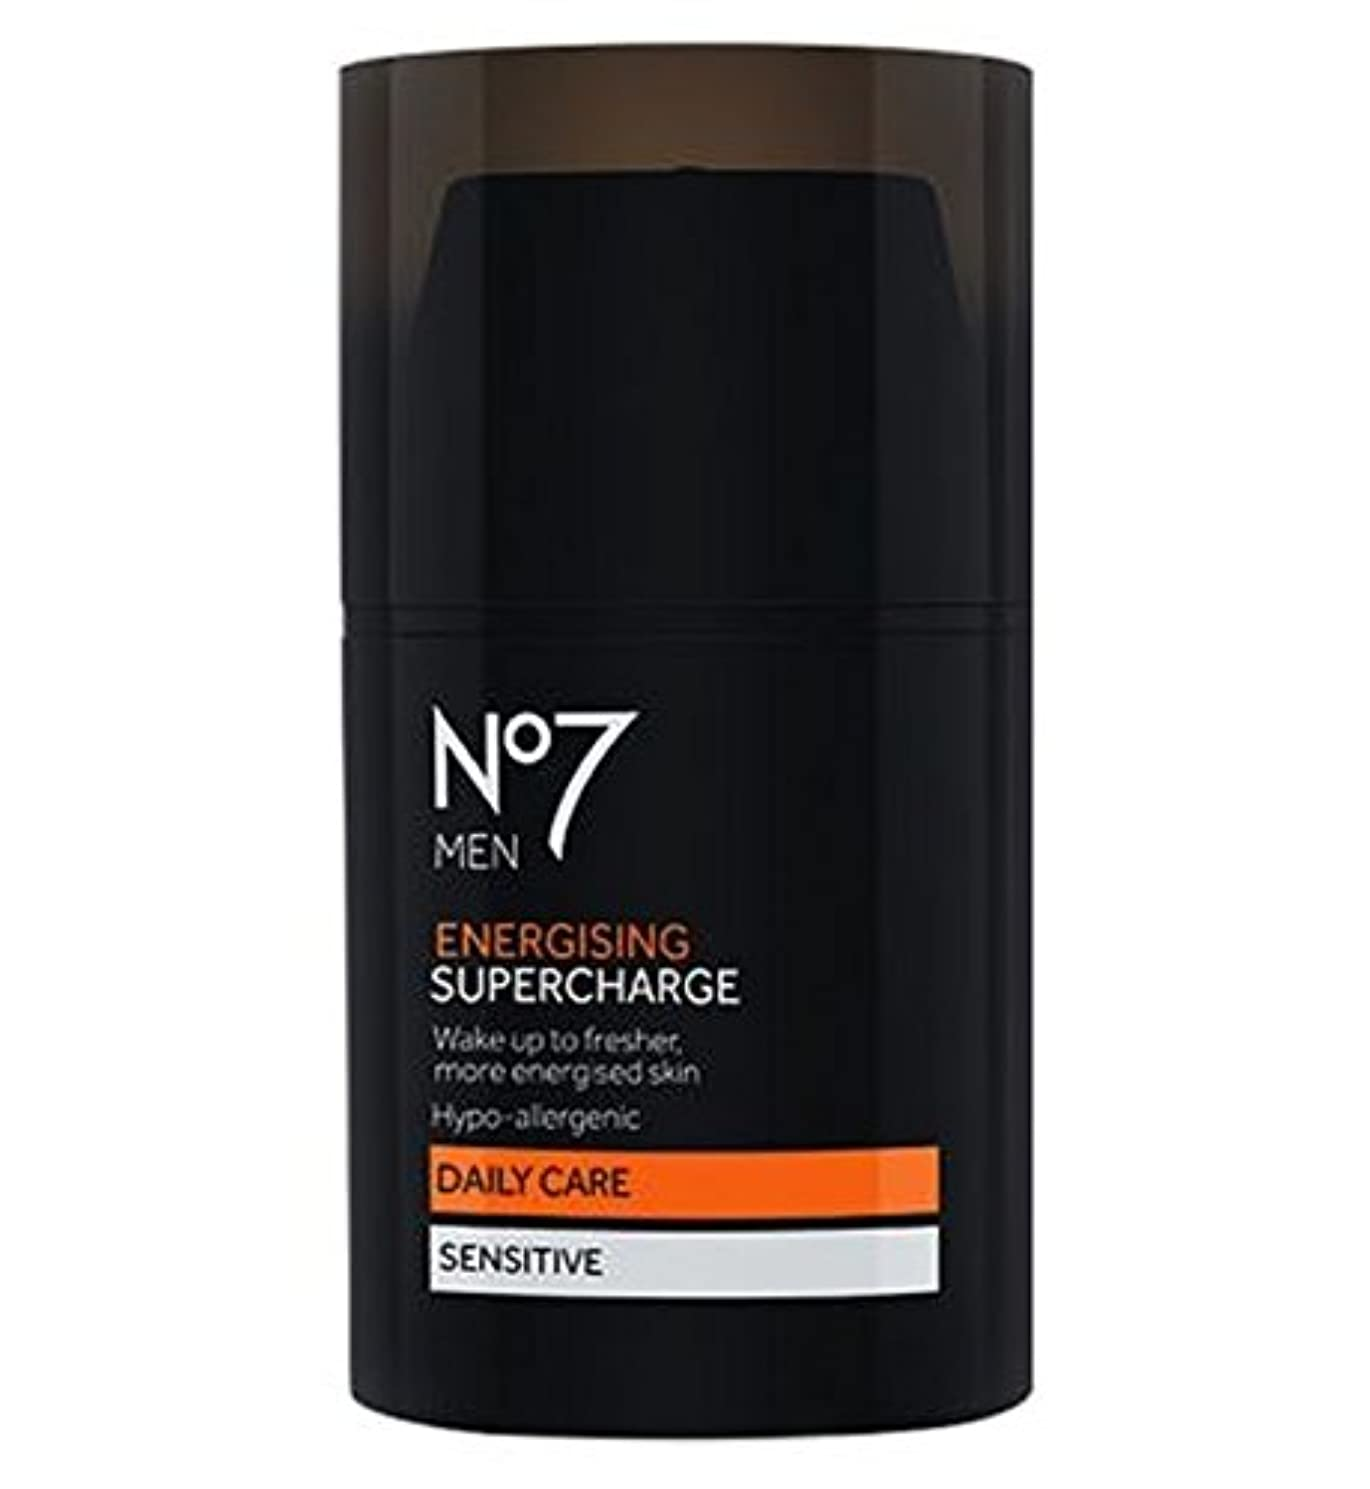 白い雇用救出No7 Men Energising Supercharge - 過給を通電No7の男性 (No7) [並行輸入品]